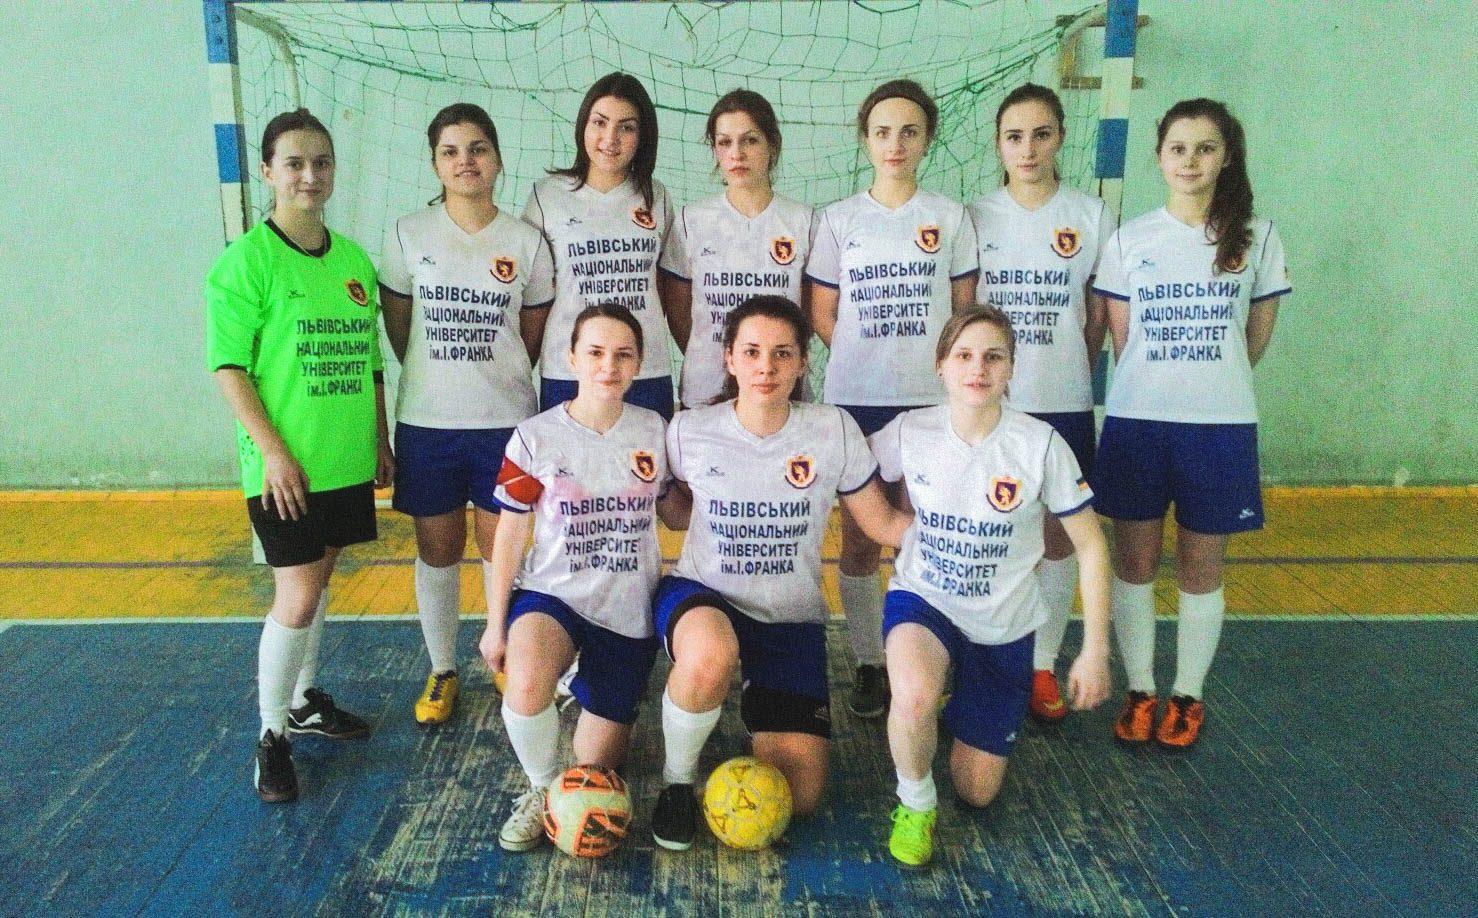 women sport sliusarenko team 02 - <b>«Если ты профессионалка, то это случайность».</b> Как дискриминируют женщин в спорте - Заборона